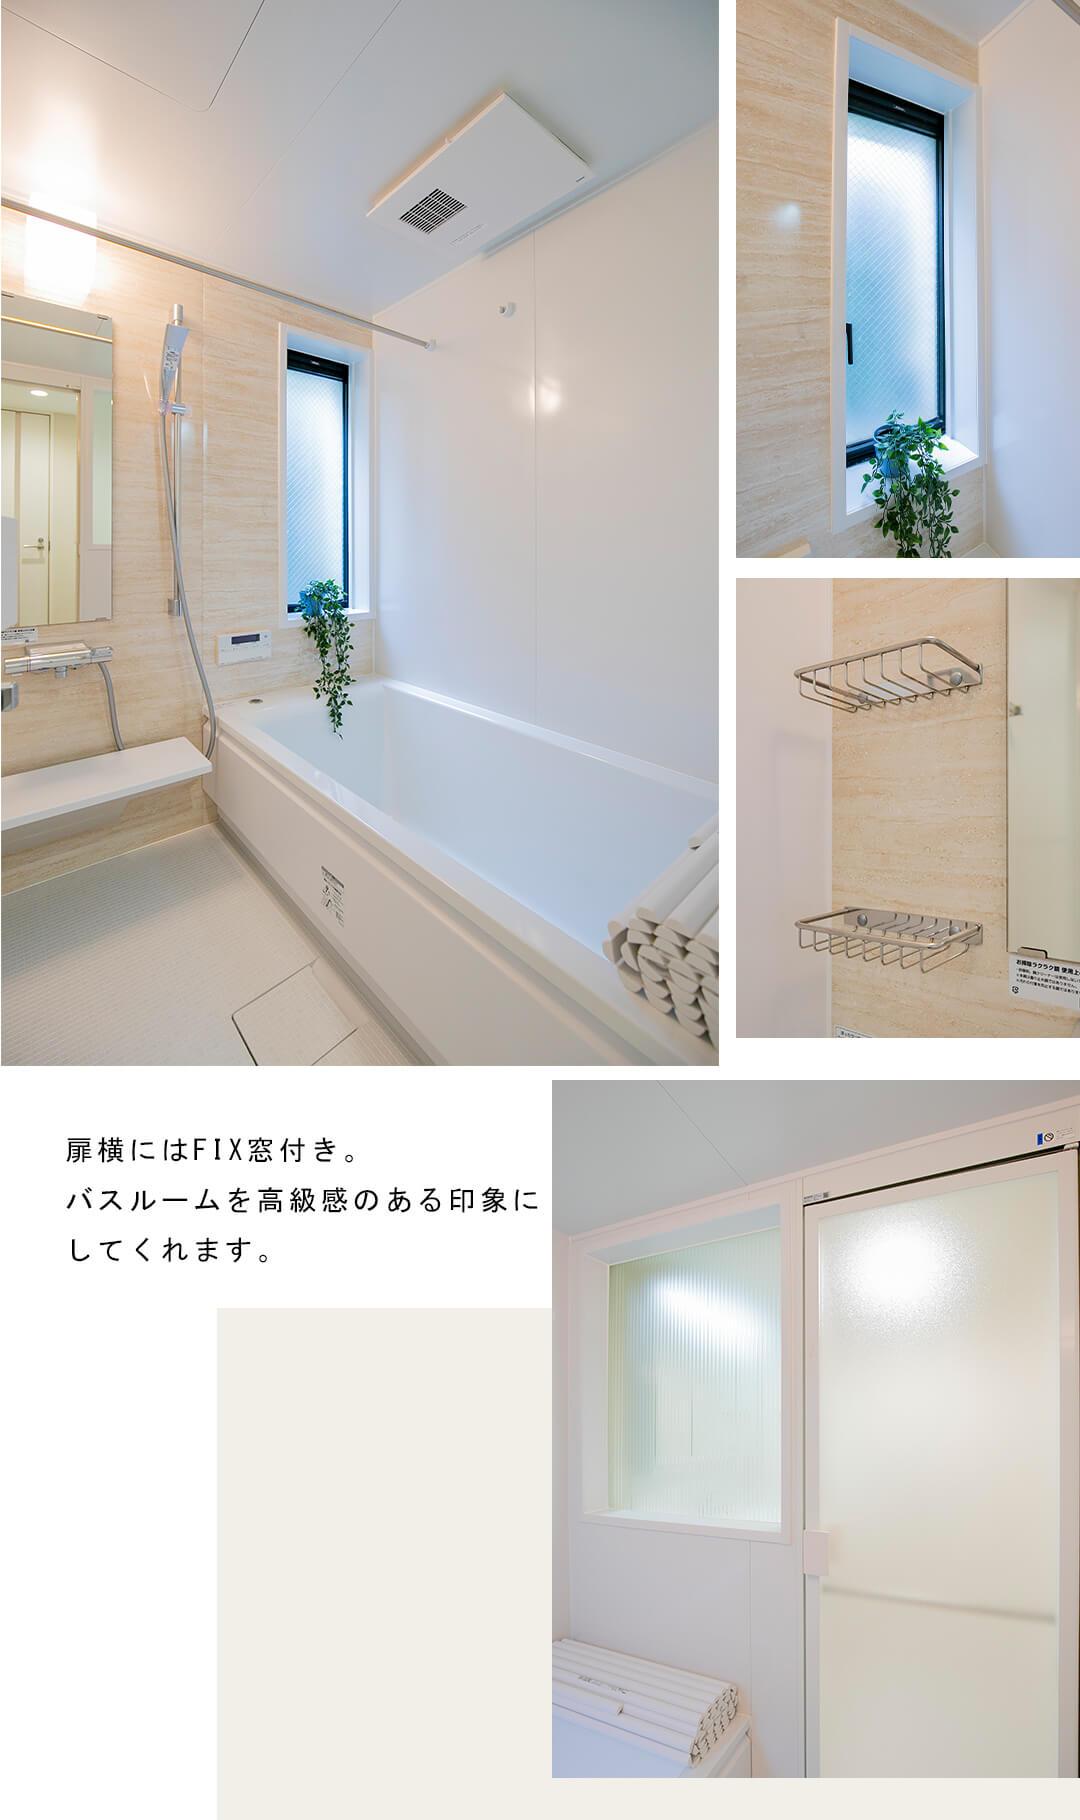 コスモセシオン目黒の浴室